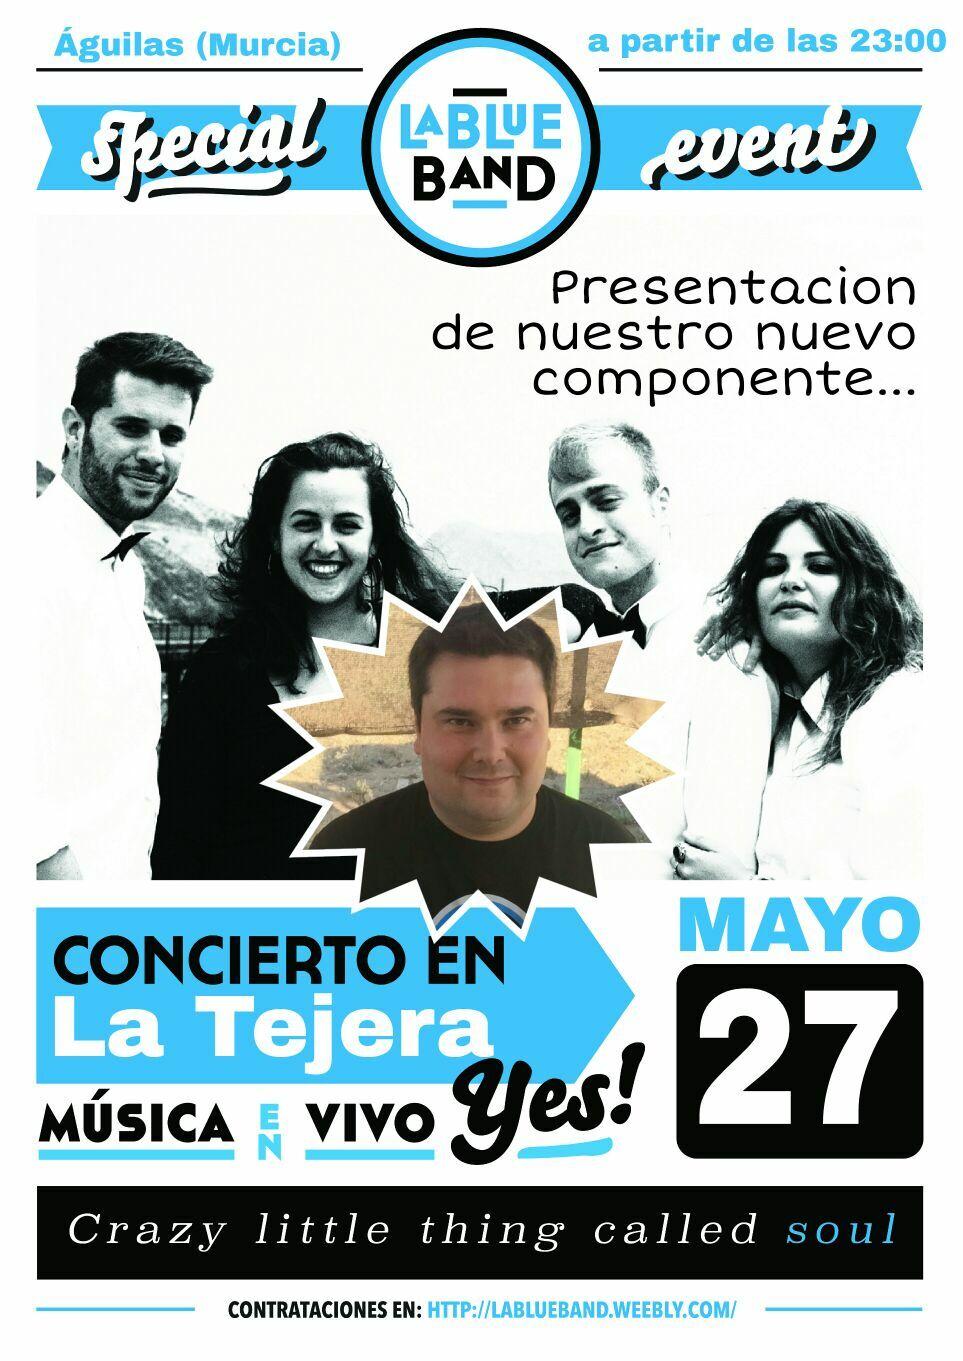 Concierto 27 de Mayo en Sala La Tejera (Águilas)